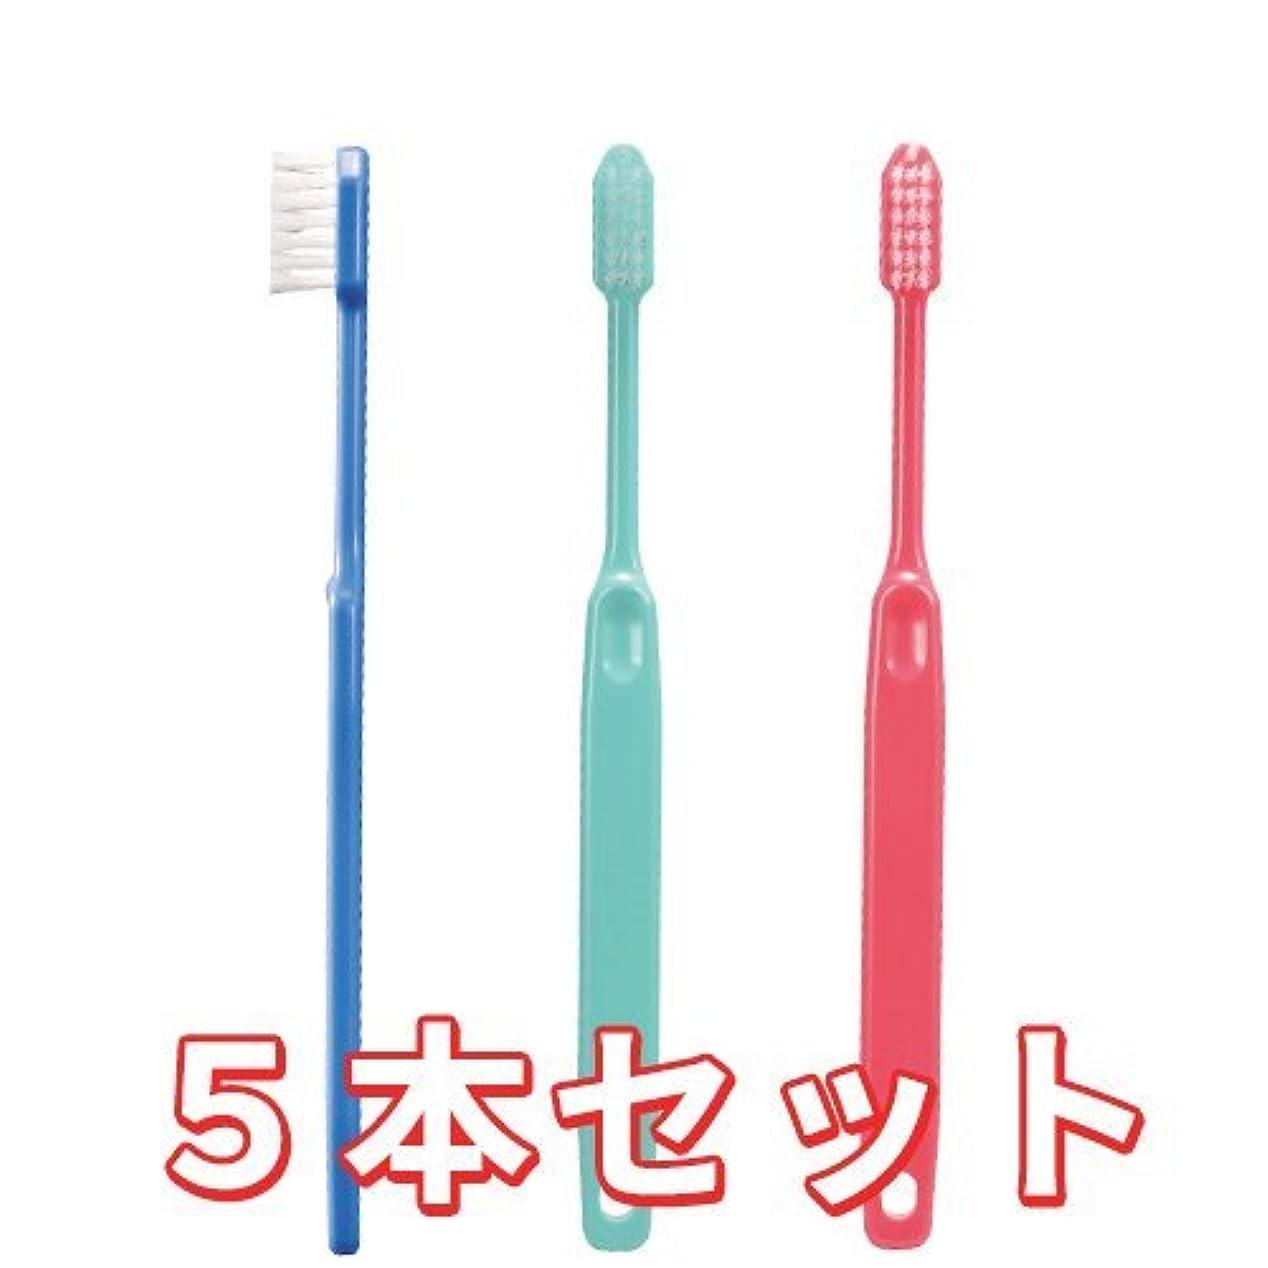 ベスビオ山合理化オセアニアCiメディカル 歯ブラシ コンパクトヘッド 疎毛タイプ アソート 5本 (Ci21(かため))